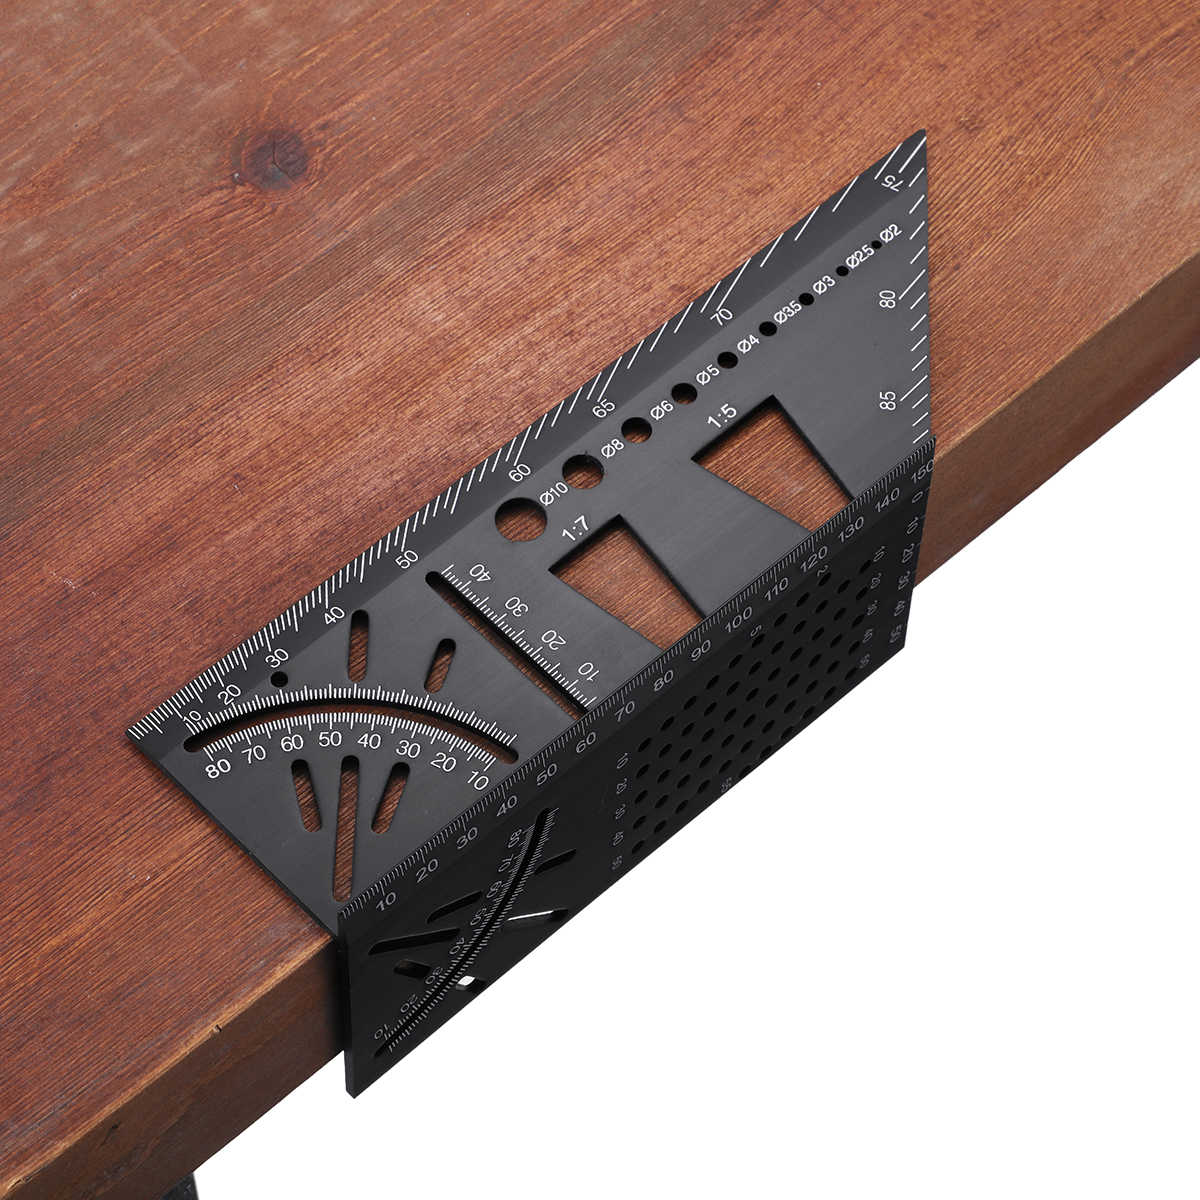 알루미늄 합금 3D 연귀 측정 광장 45 90도 각도 눈금자 구두점 마킹 게이지 프레이밍 각도기 목공